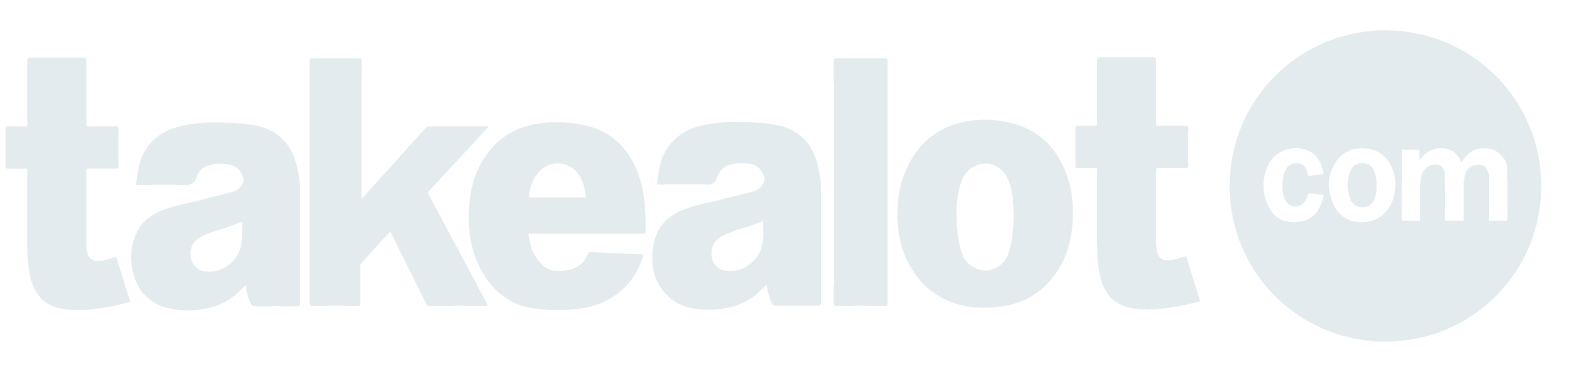 Takealot logo. Takealot uses OfferZen to source developers.